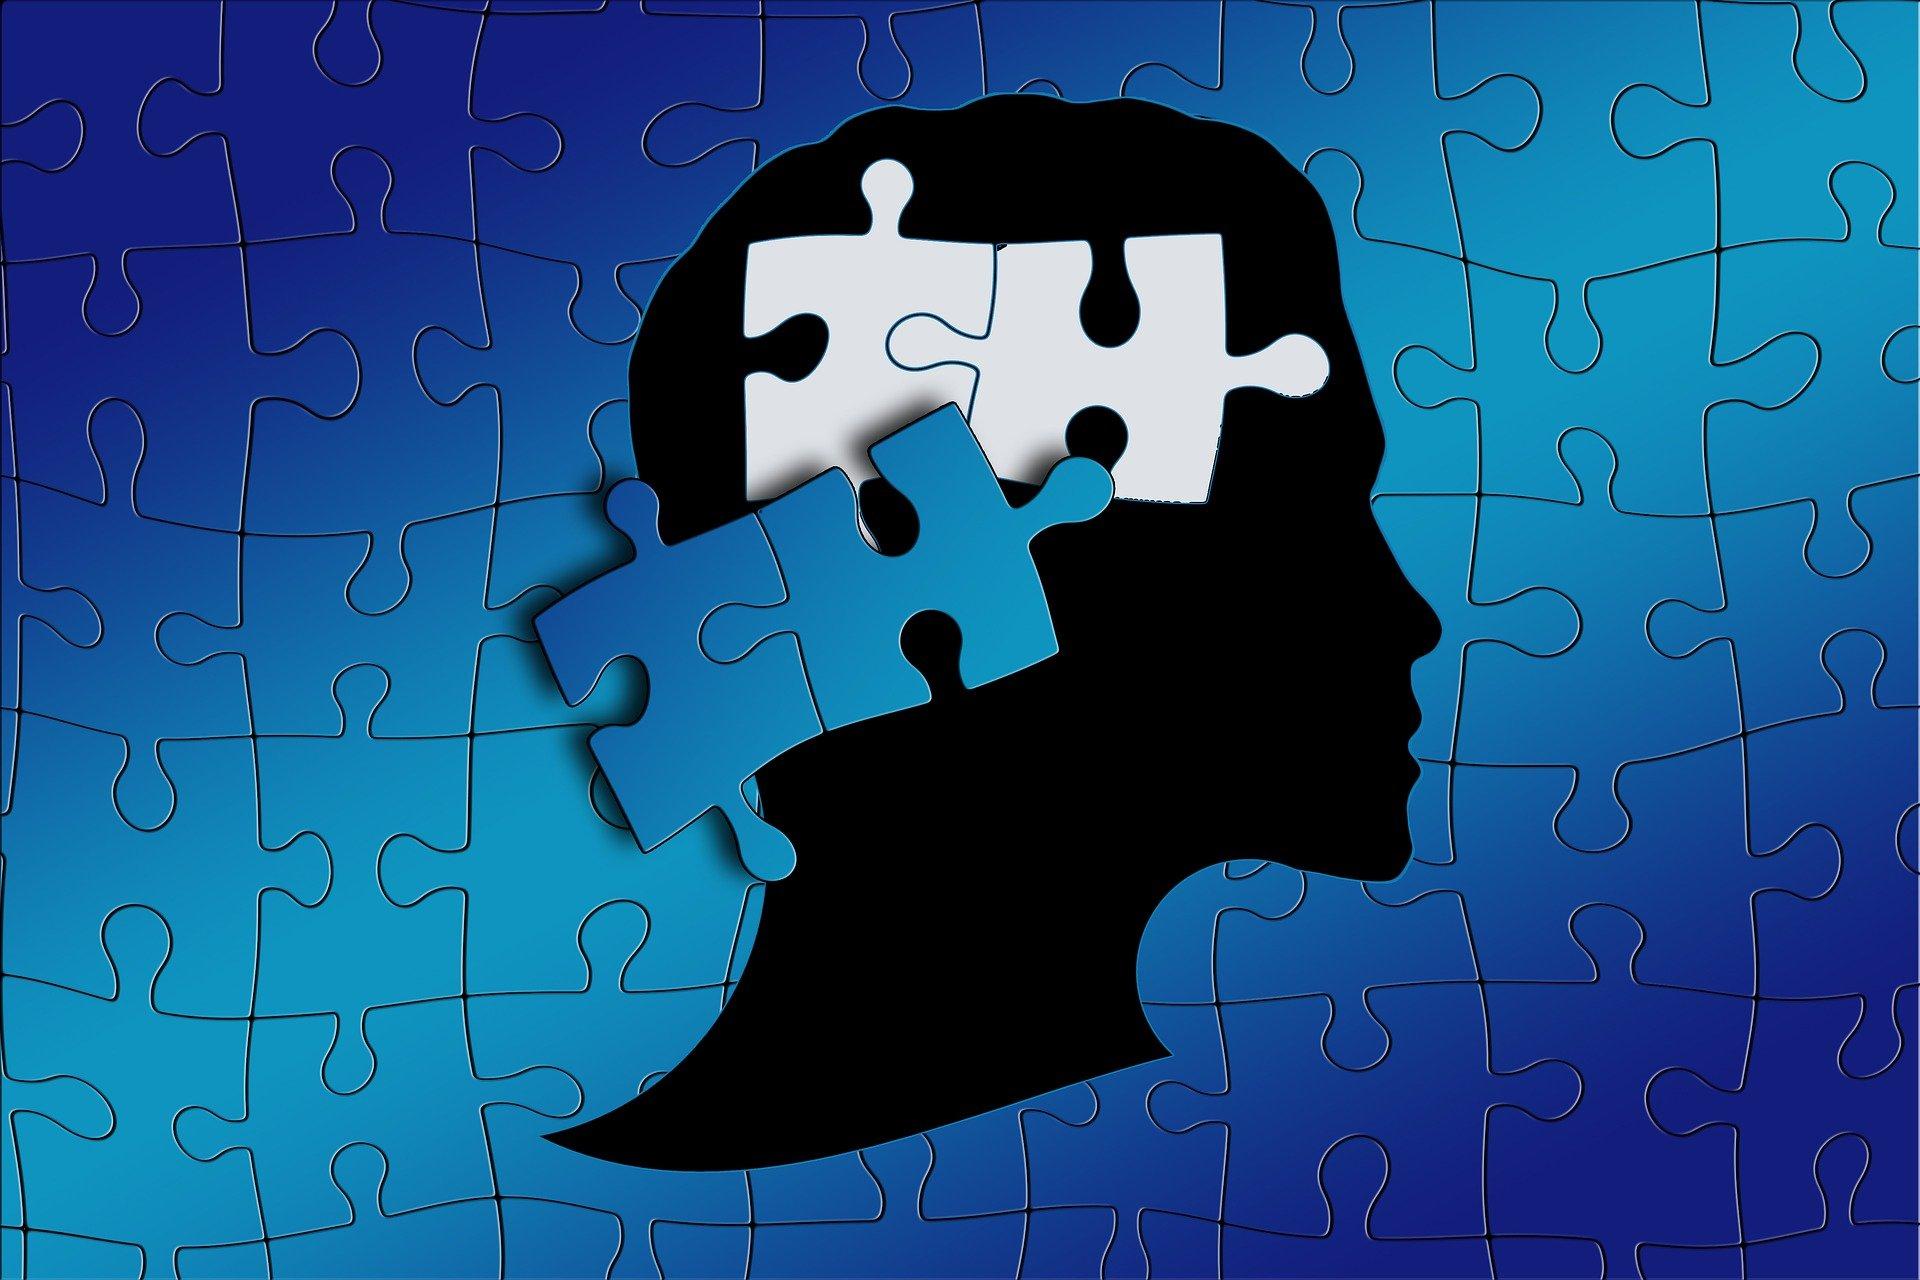 Σύνδρομο Άσπεργκερ: Τι είναι, τι το προκαλεί, πώς αντιμετωπίζεται